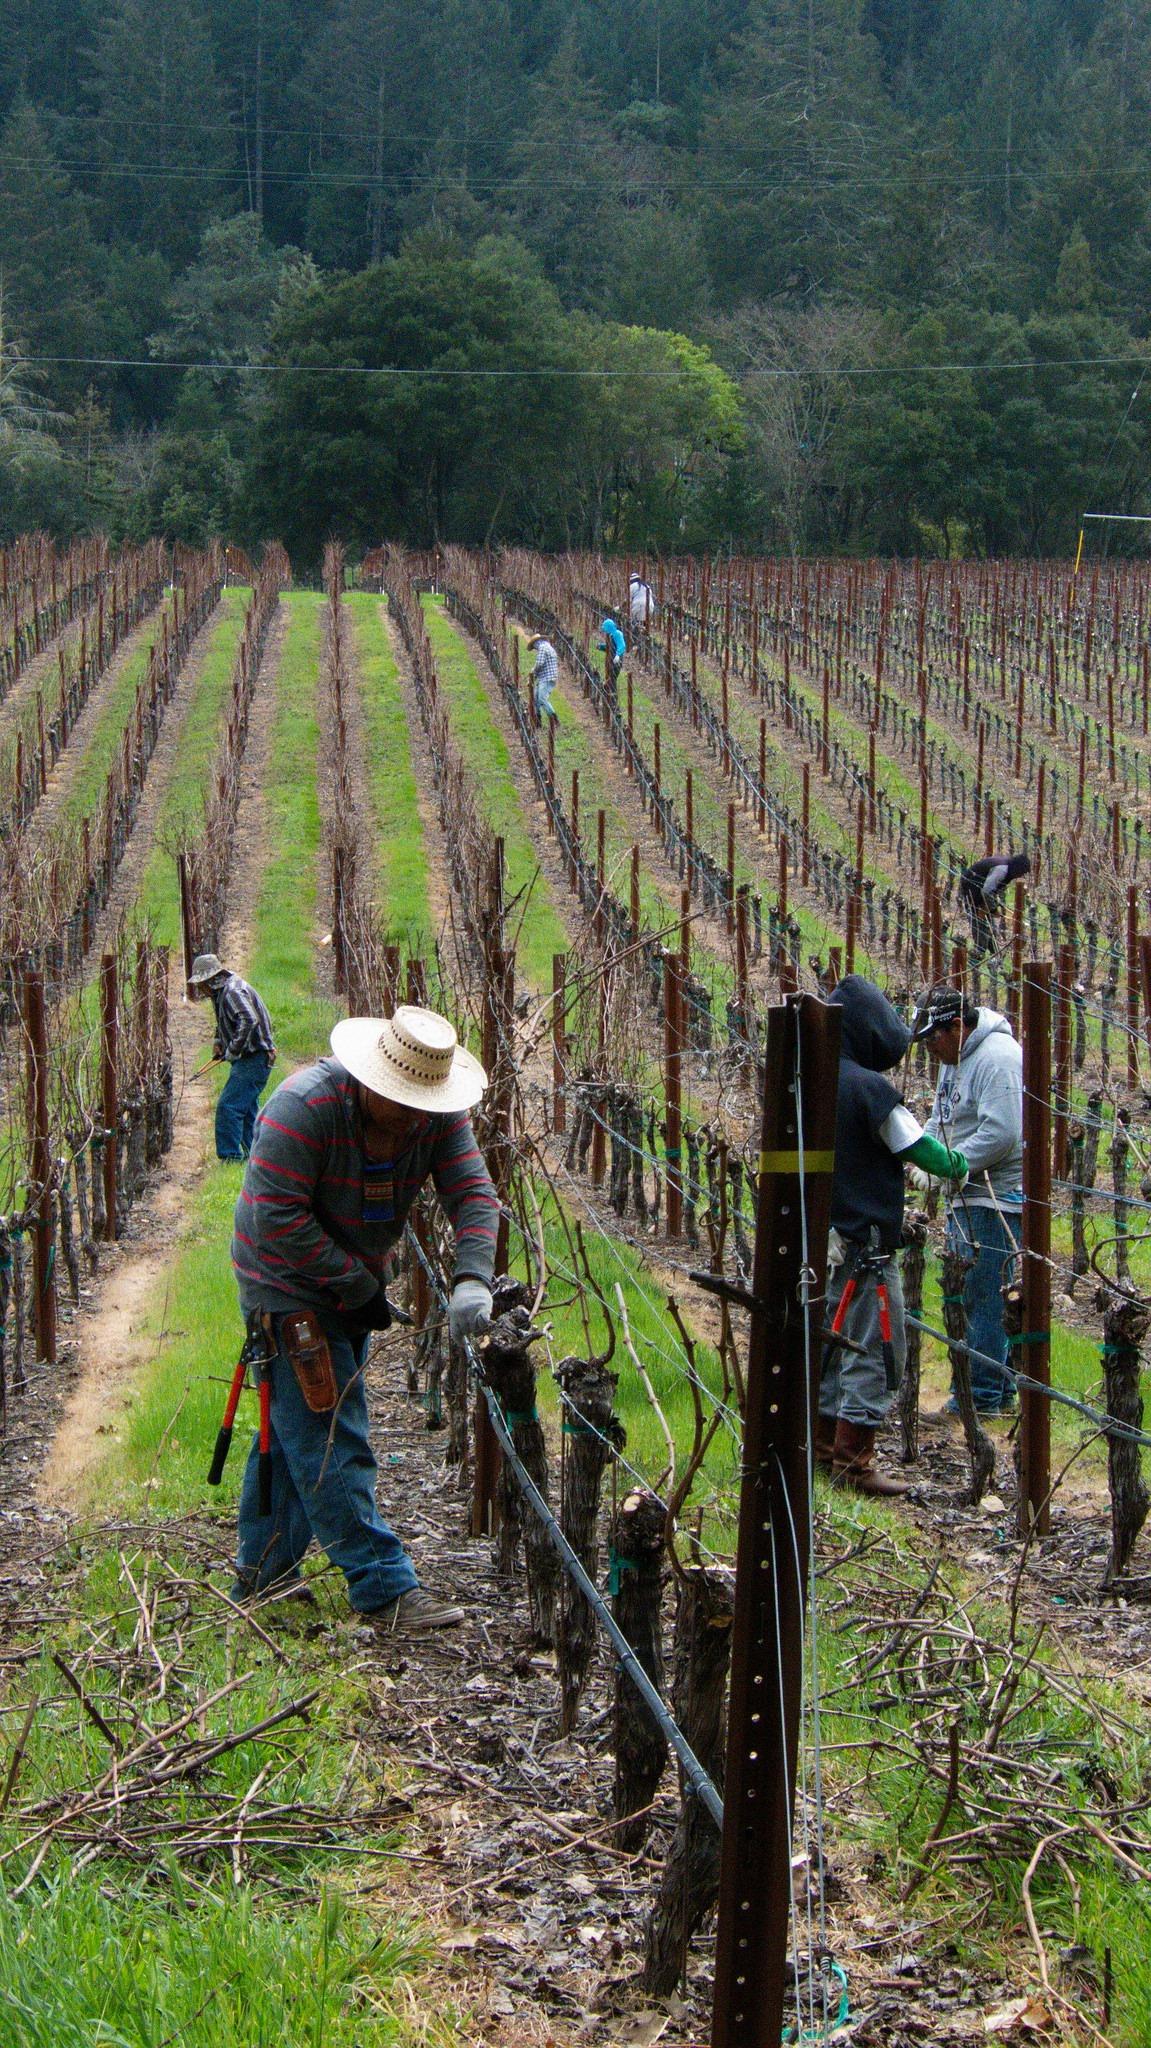 Workers Tend to Vineyard